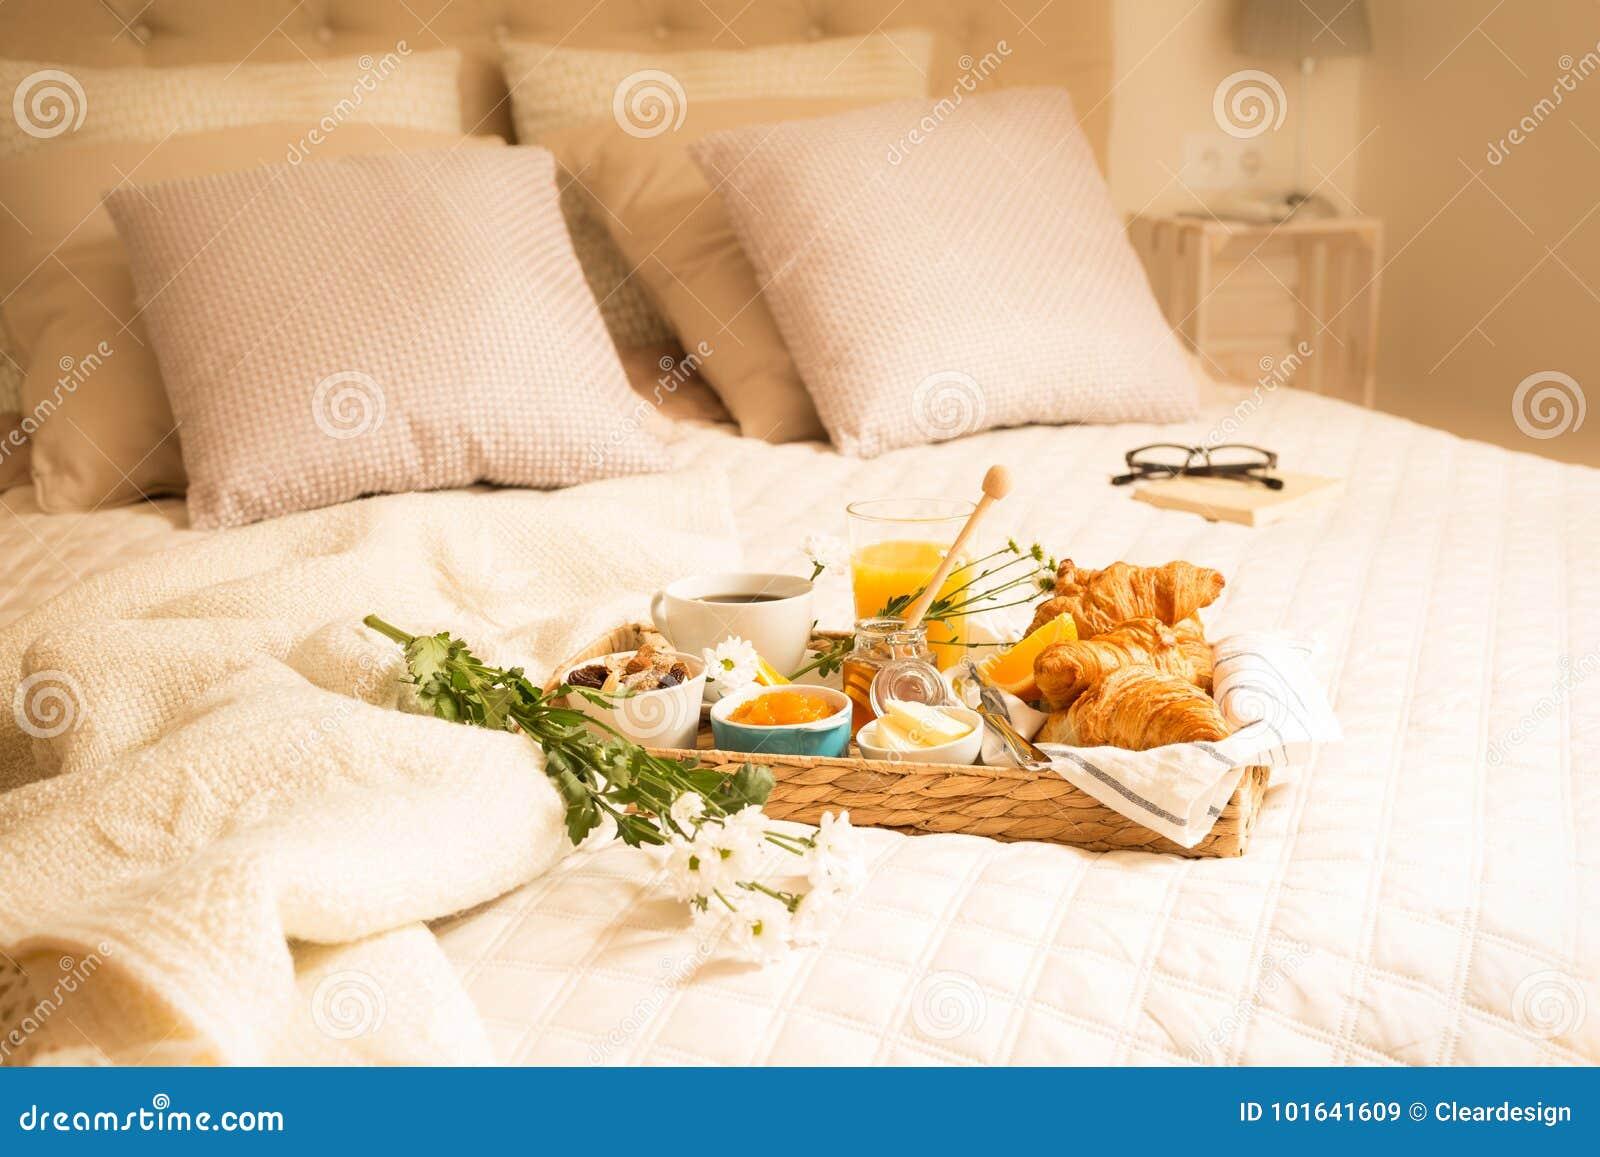 Continentaal ontbijt op bed in elegant slaapkamerbinnenland